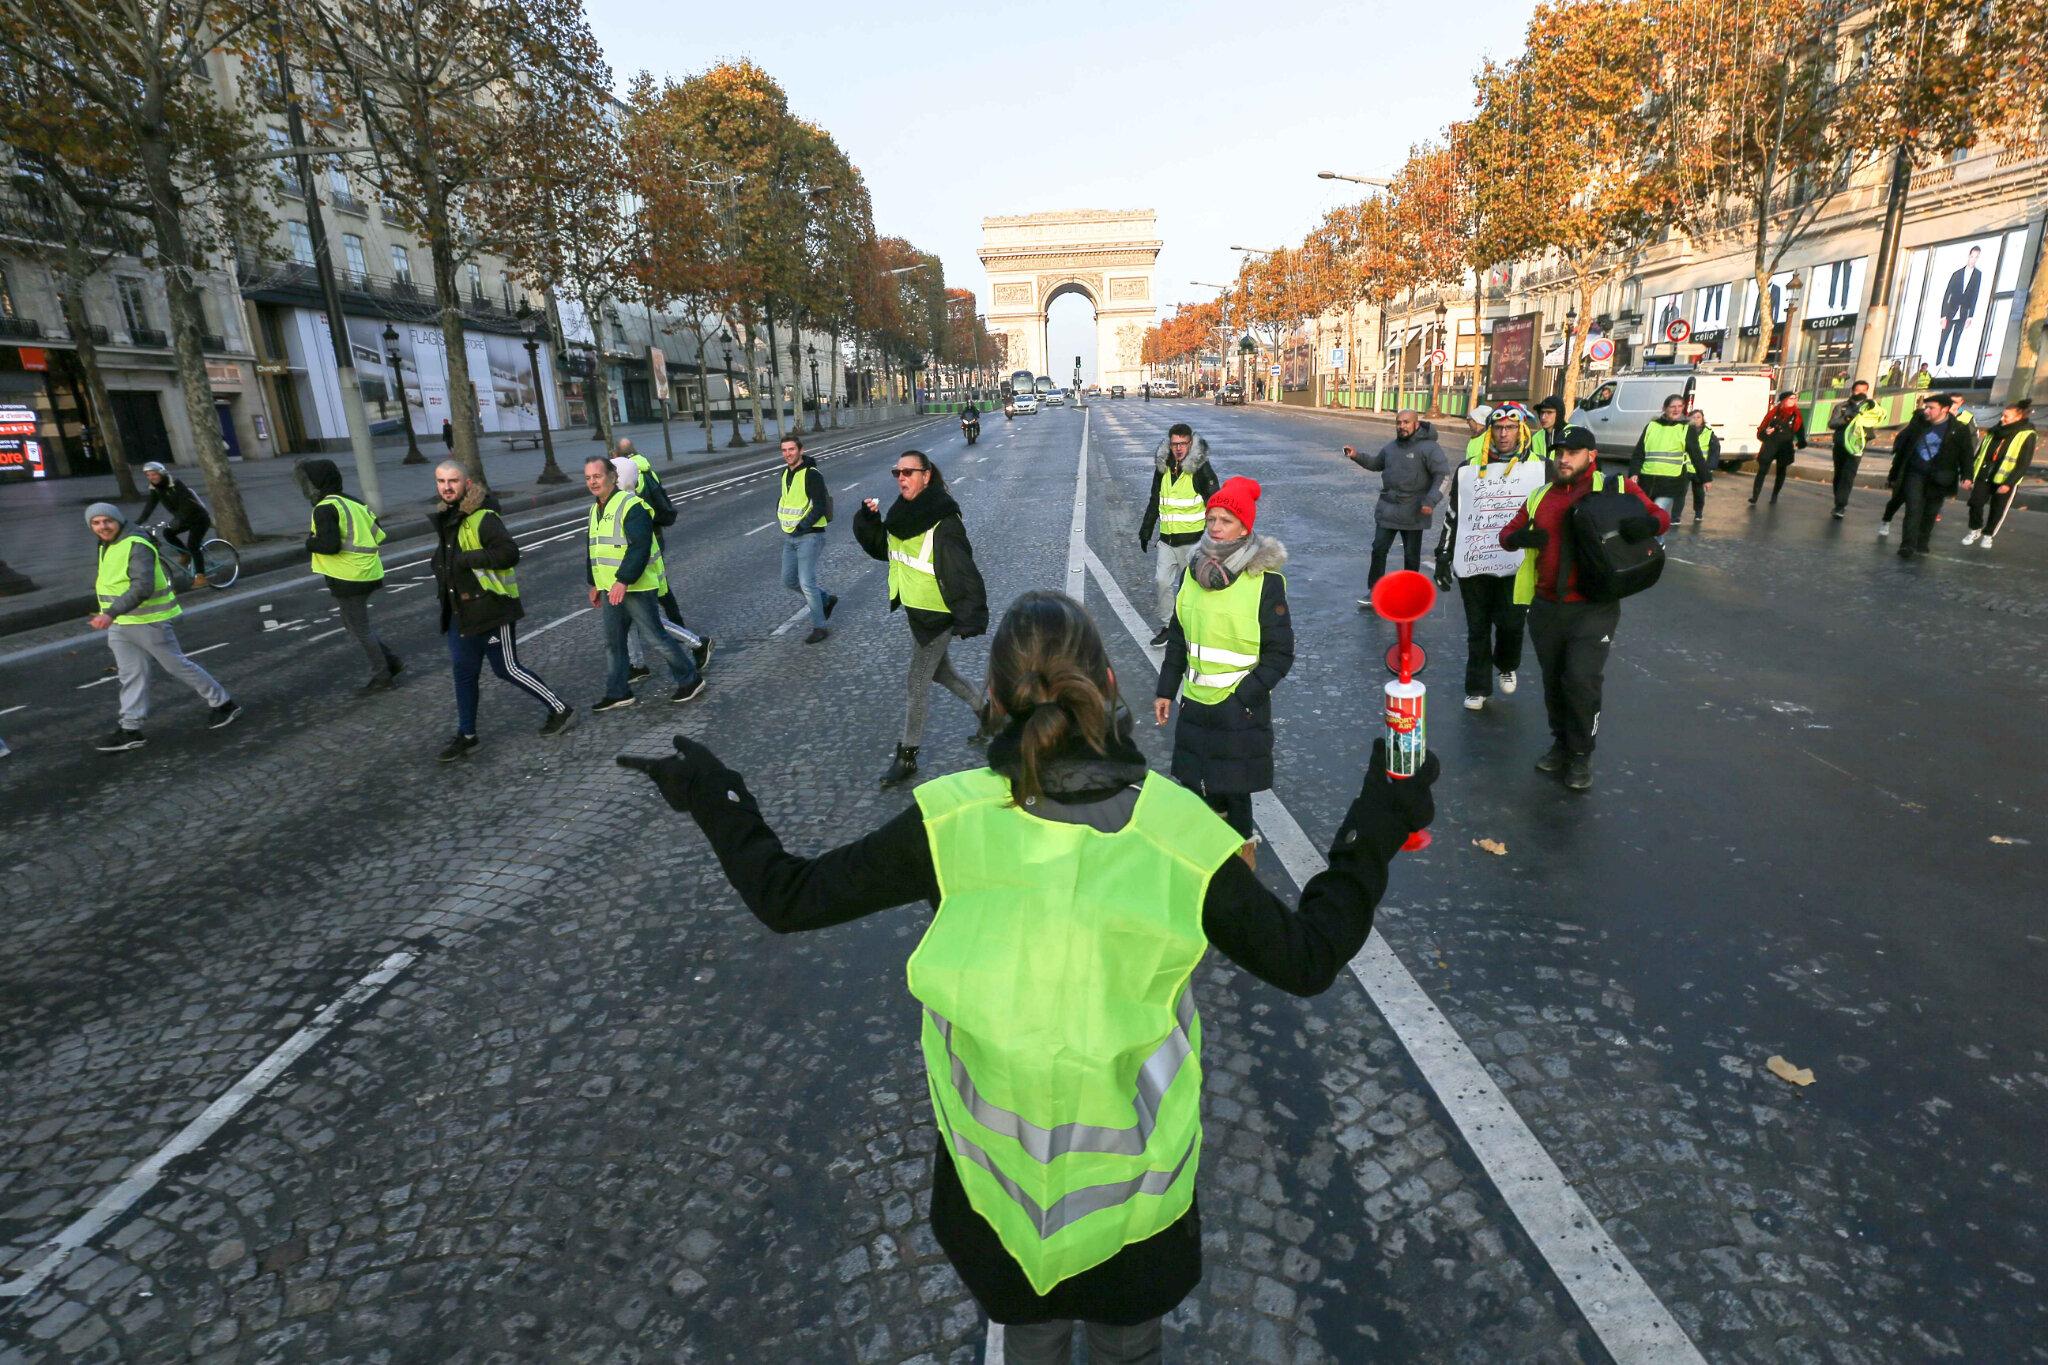 Les gilets jaunes bloquent la place Charles-de-Gaulle. © Michel Stoupak. Sam 17.11.2018, 09h07m24.